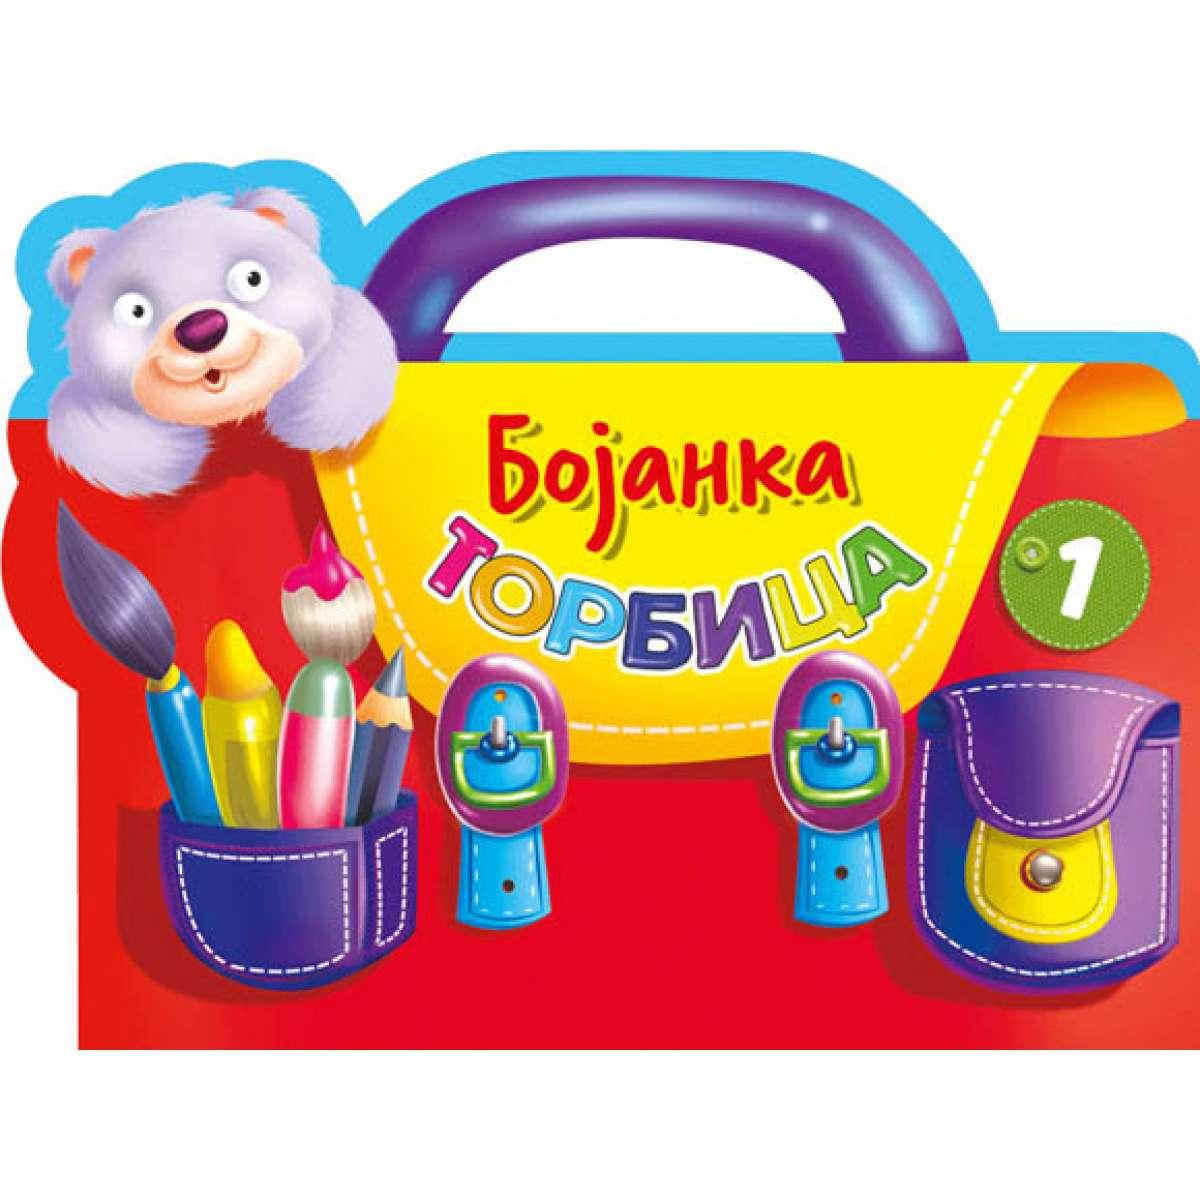 Bojanka – Torbica 1